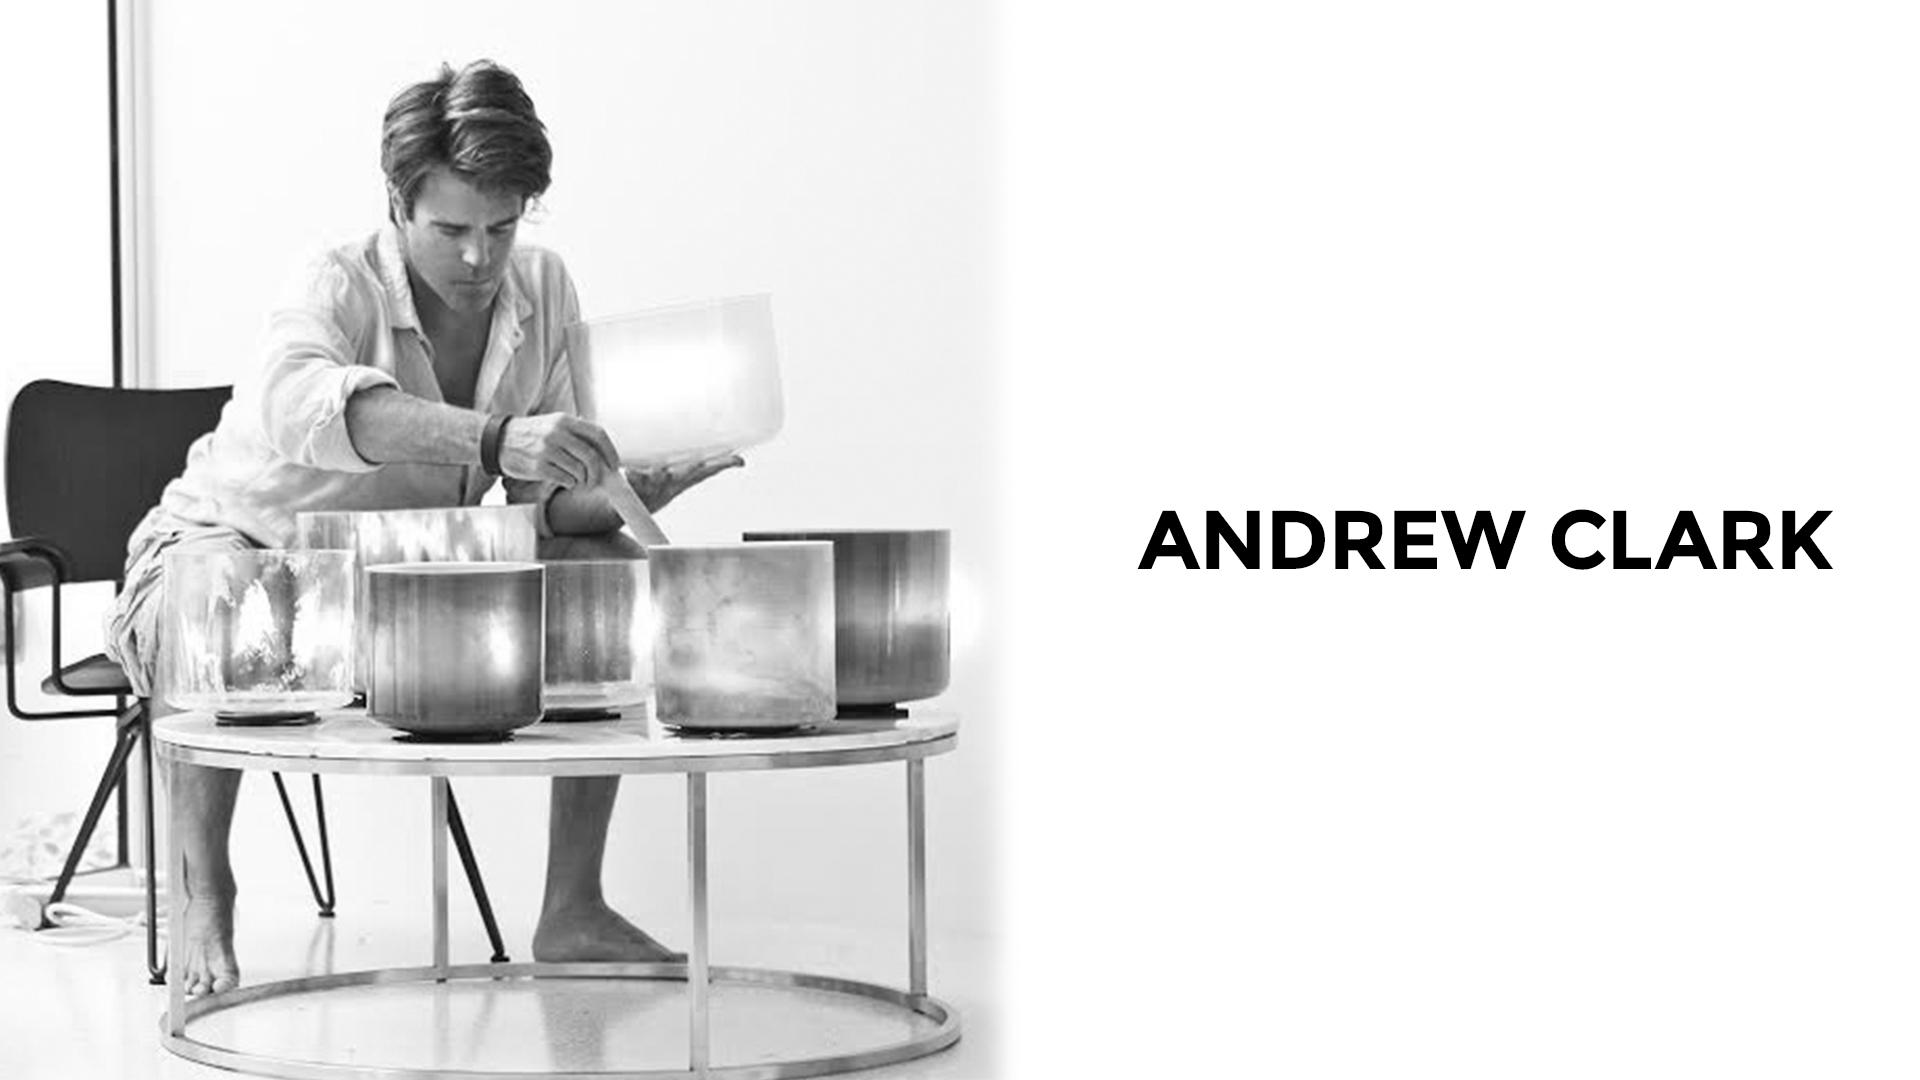 ANDREW CLARK.jpg